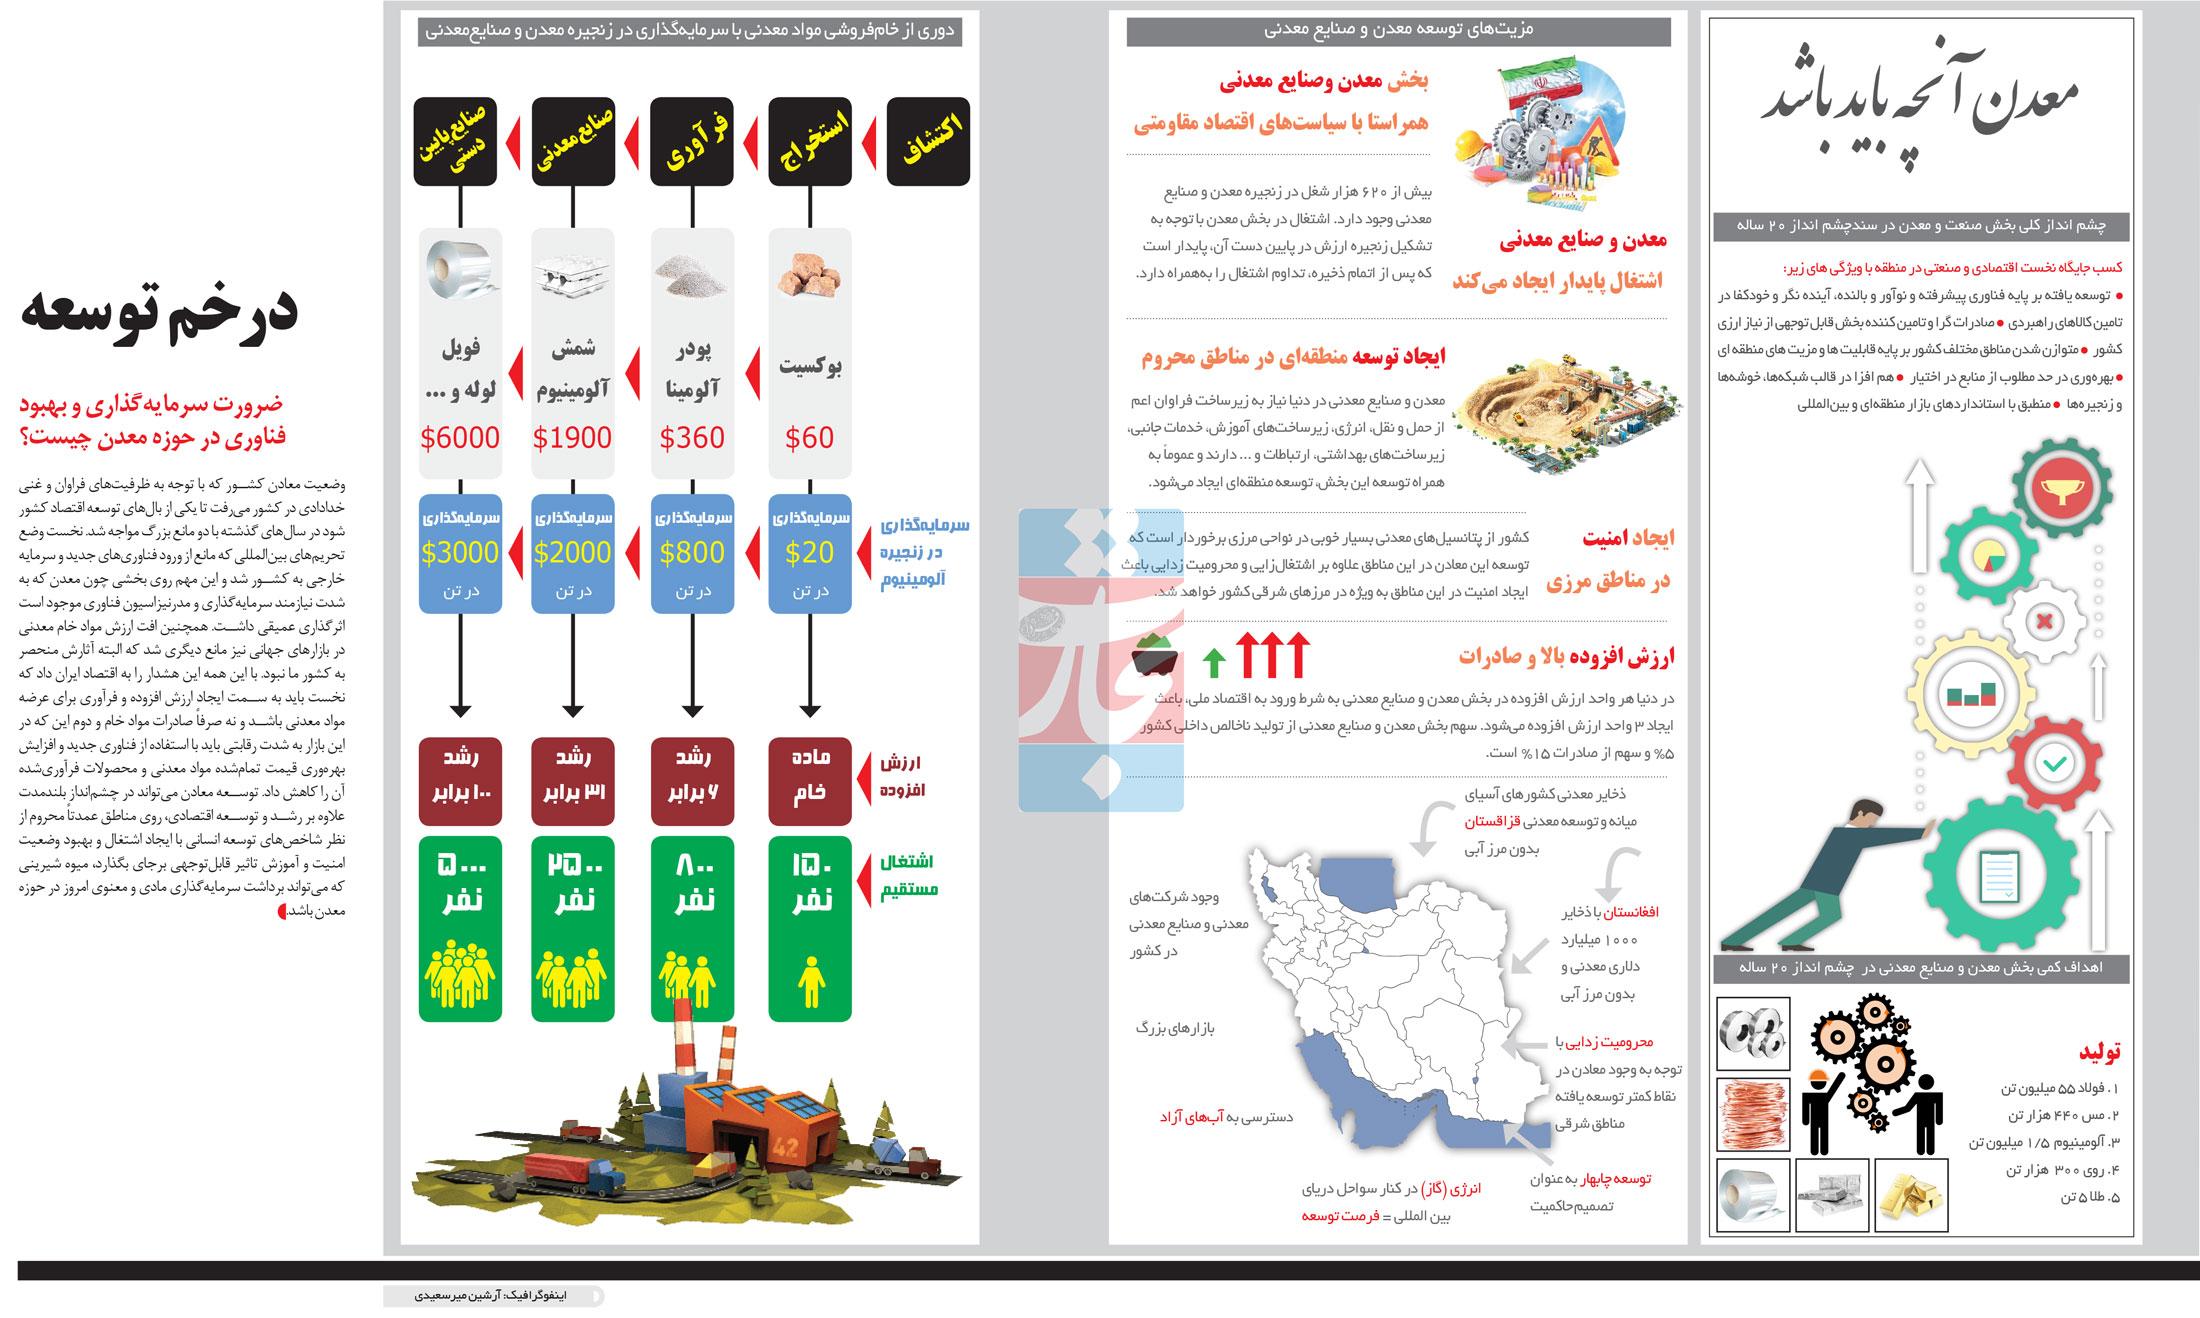 تجارت فردا- اینفوگرافیک - در خم توسعه